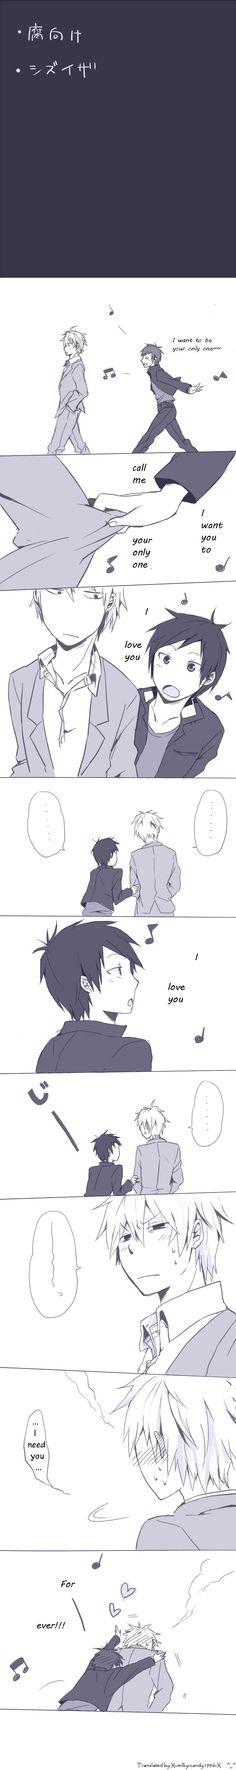 xD aww Shizu-chan